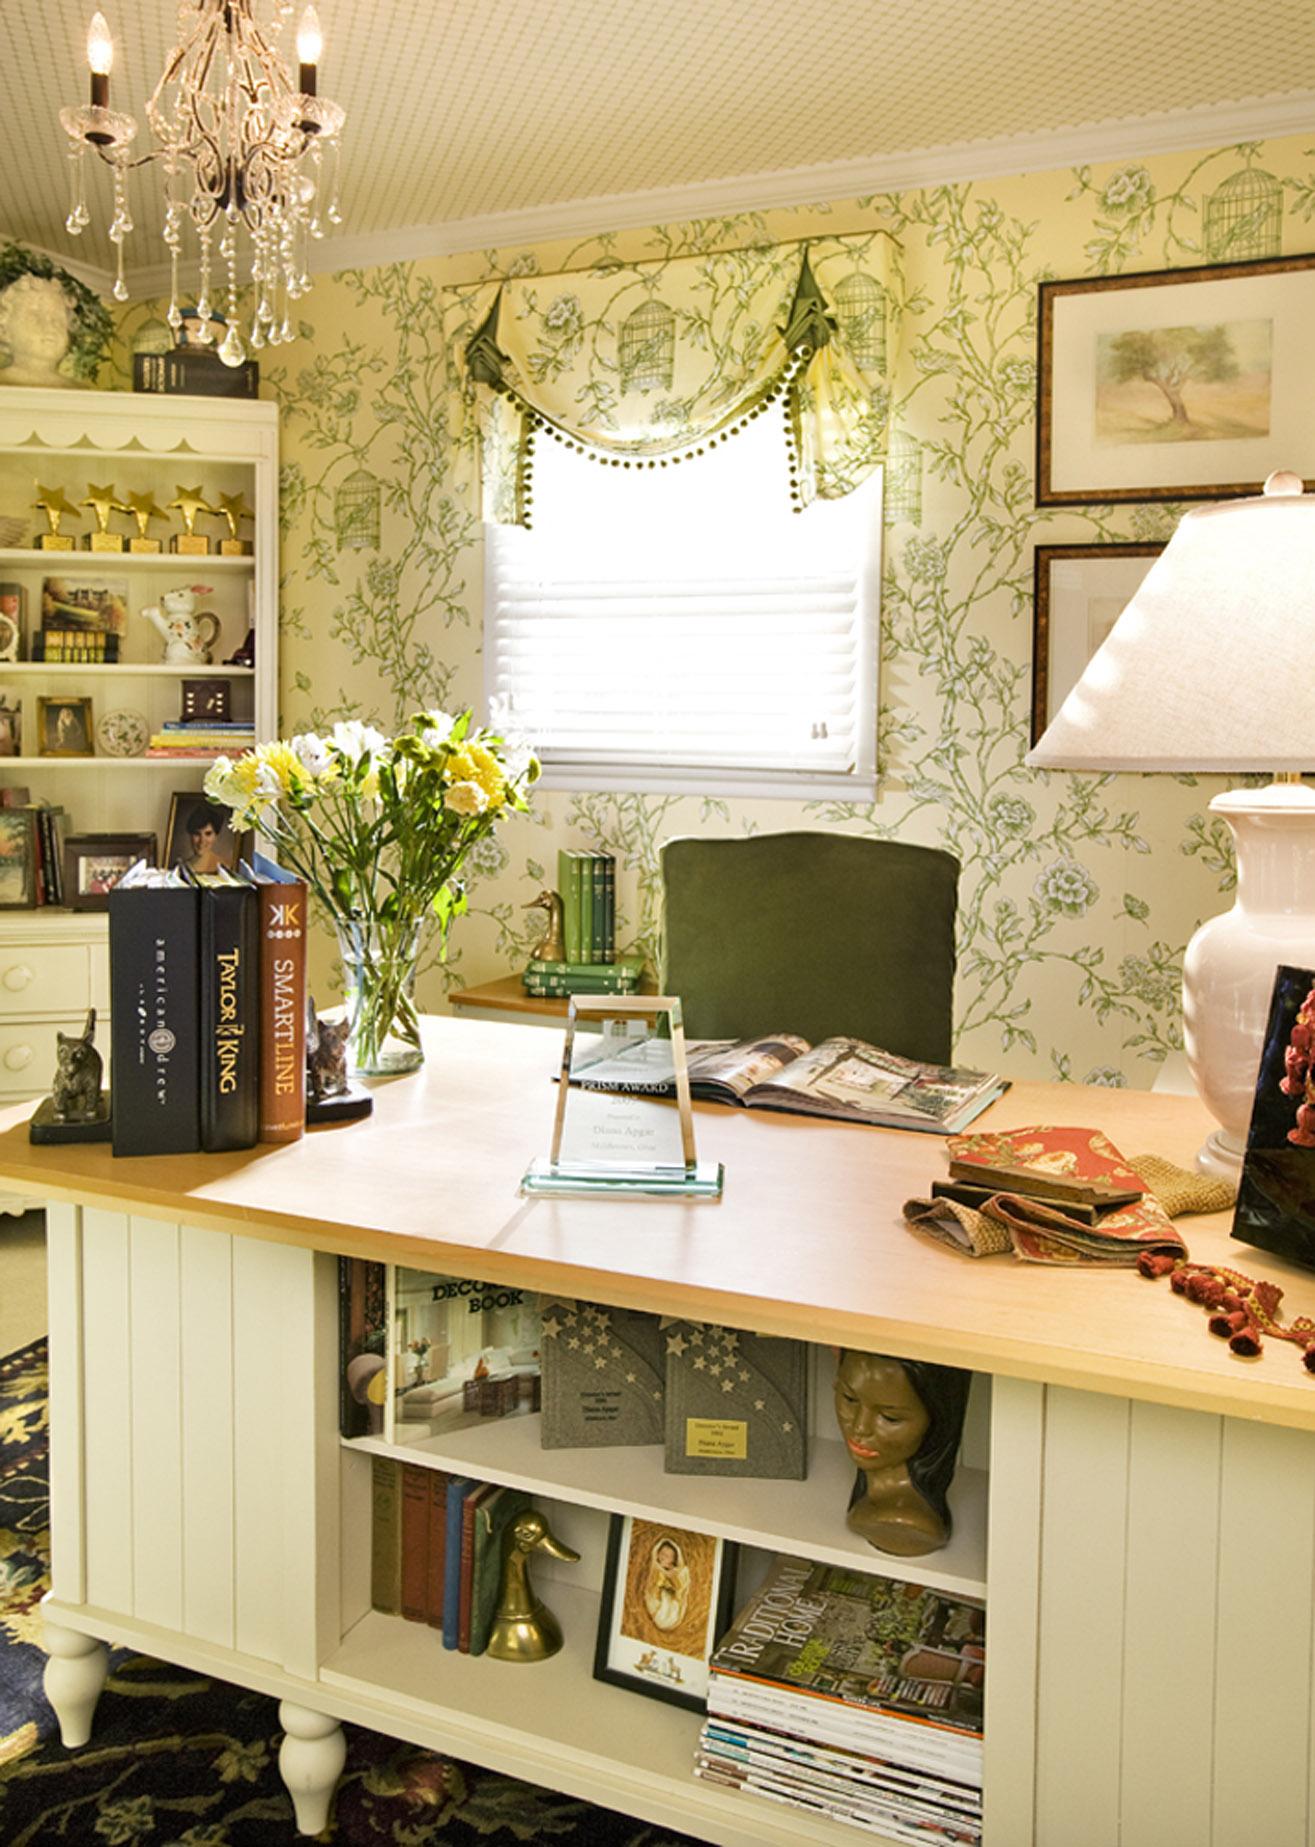 Interior Decorating | Decorating Den Interiors® Blog - Interior ...